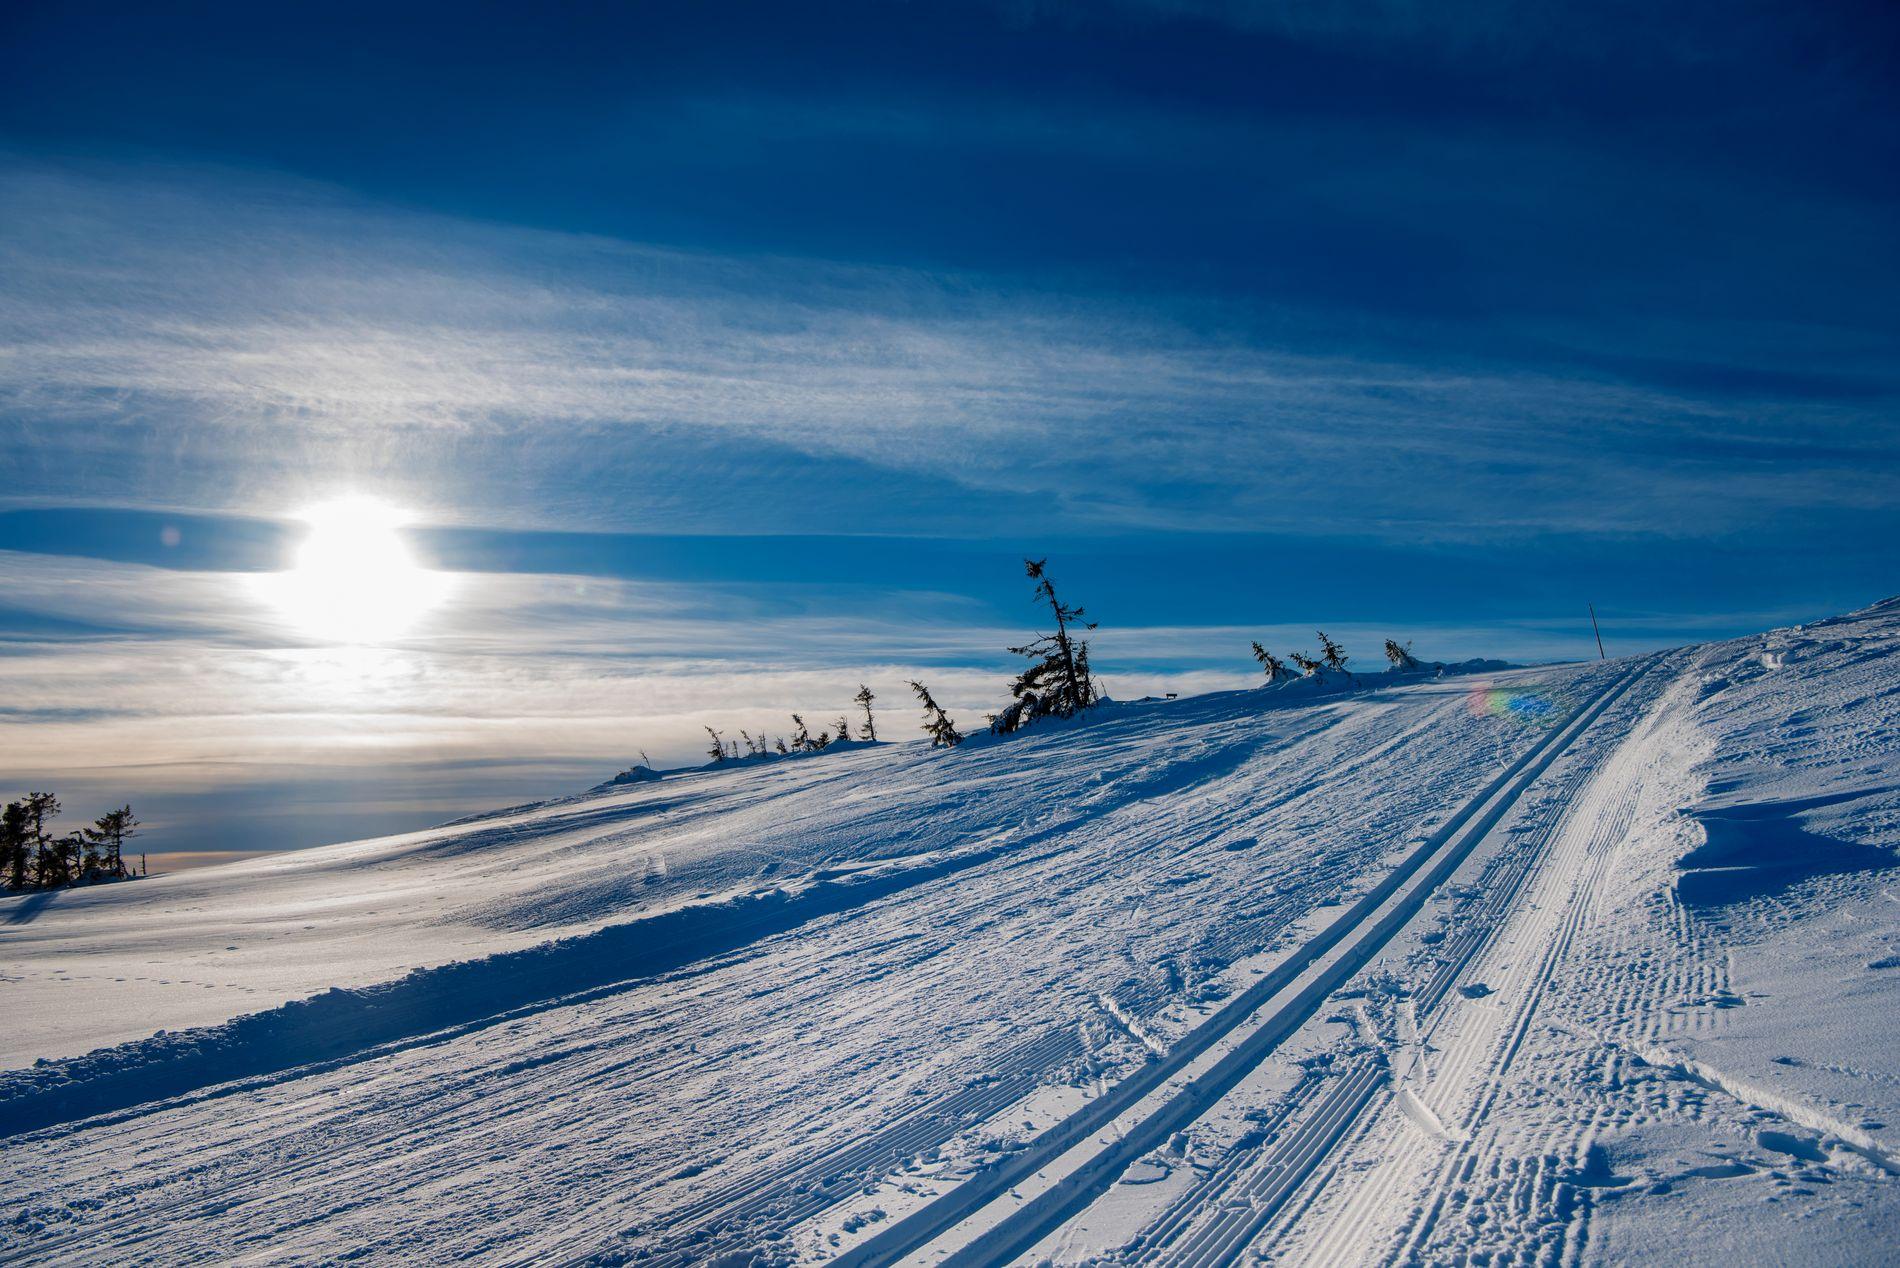 SKIFØRE: Det skal bli skikkelig vintervær til helgen, skal vi tro meteorologene. Dette bildet er av en skiløype opp til Lunkefjell på Sjusjøen ifjor vinter.